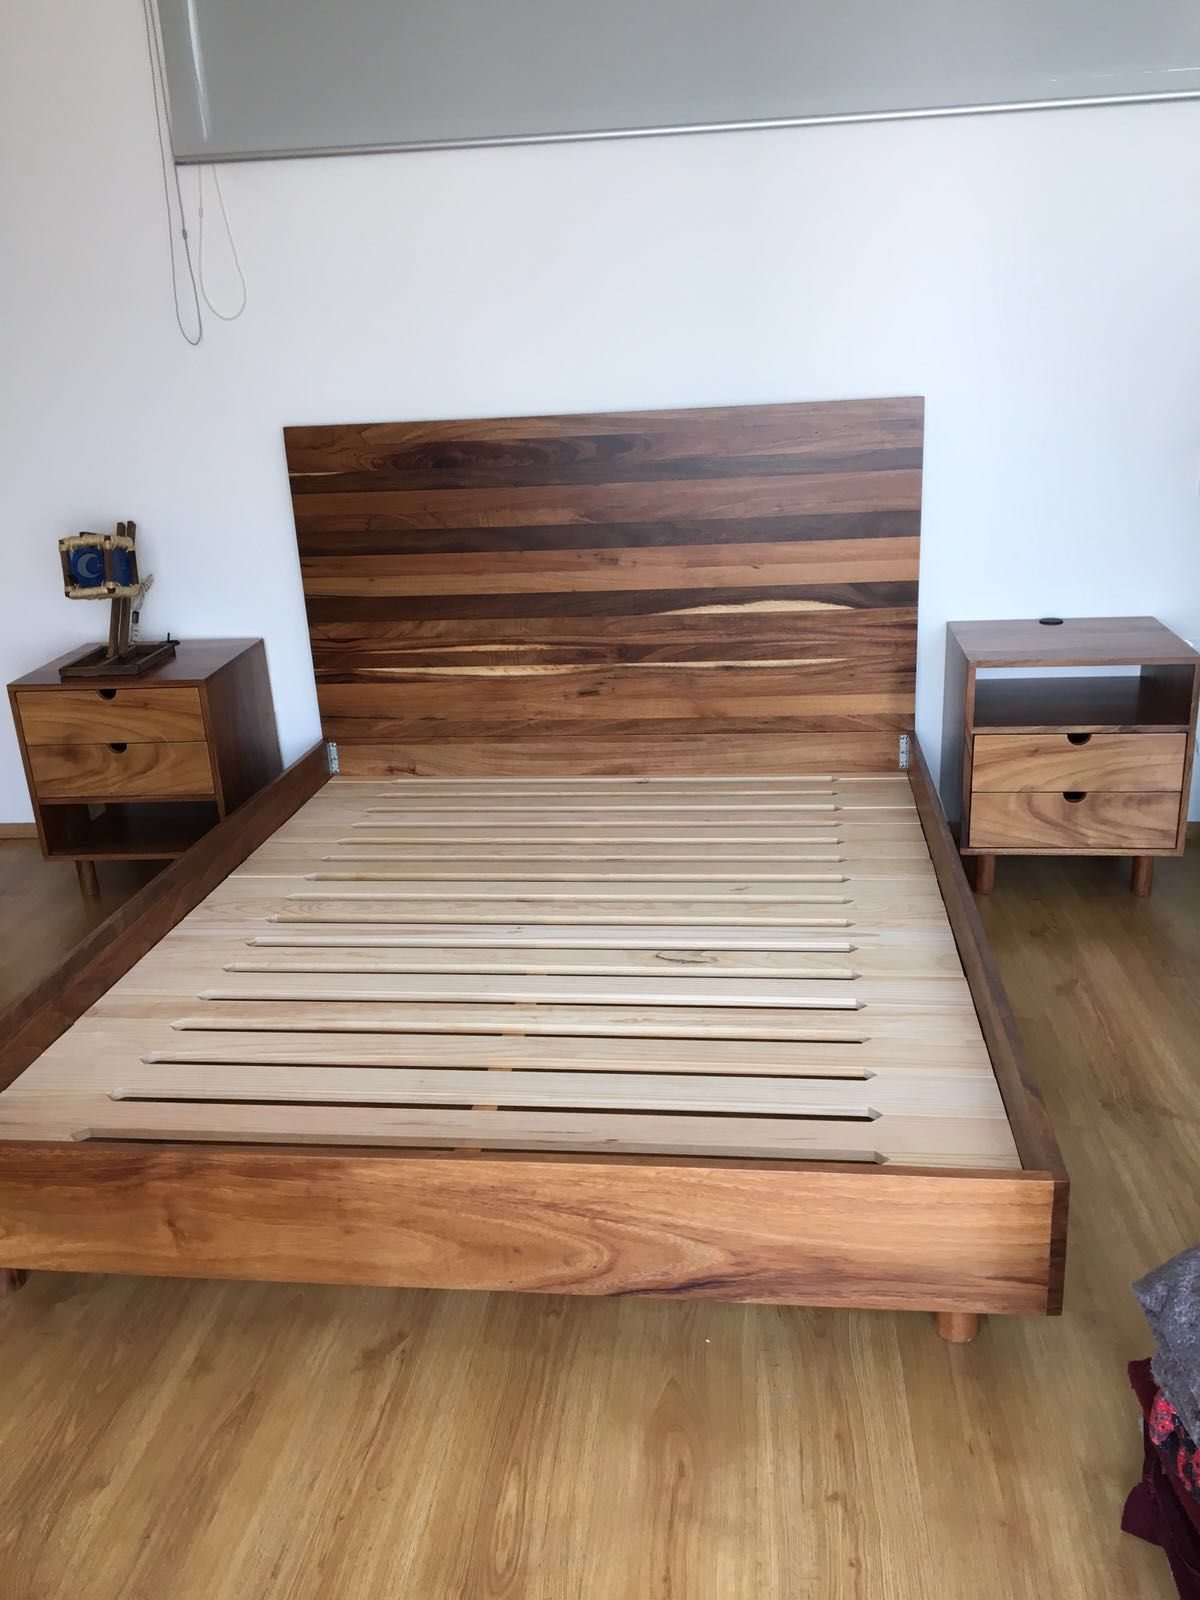 Modelos de cabeceras de cama en madera hogar y ideas de - Cama dosel madera ...